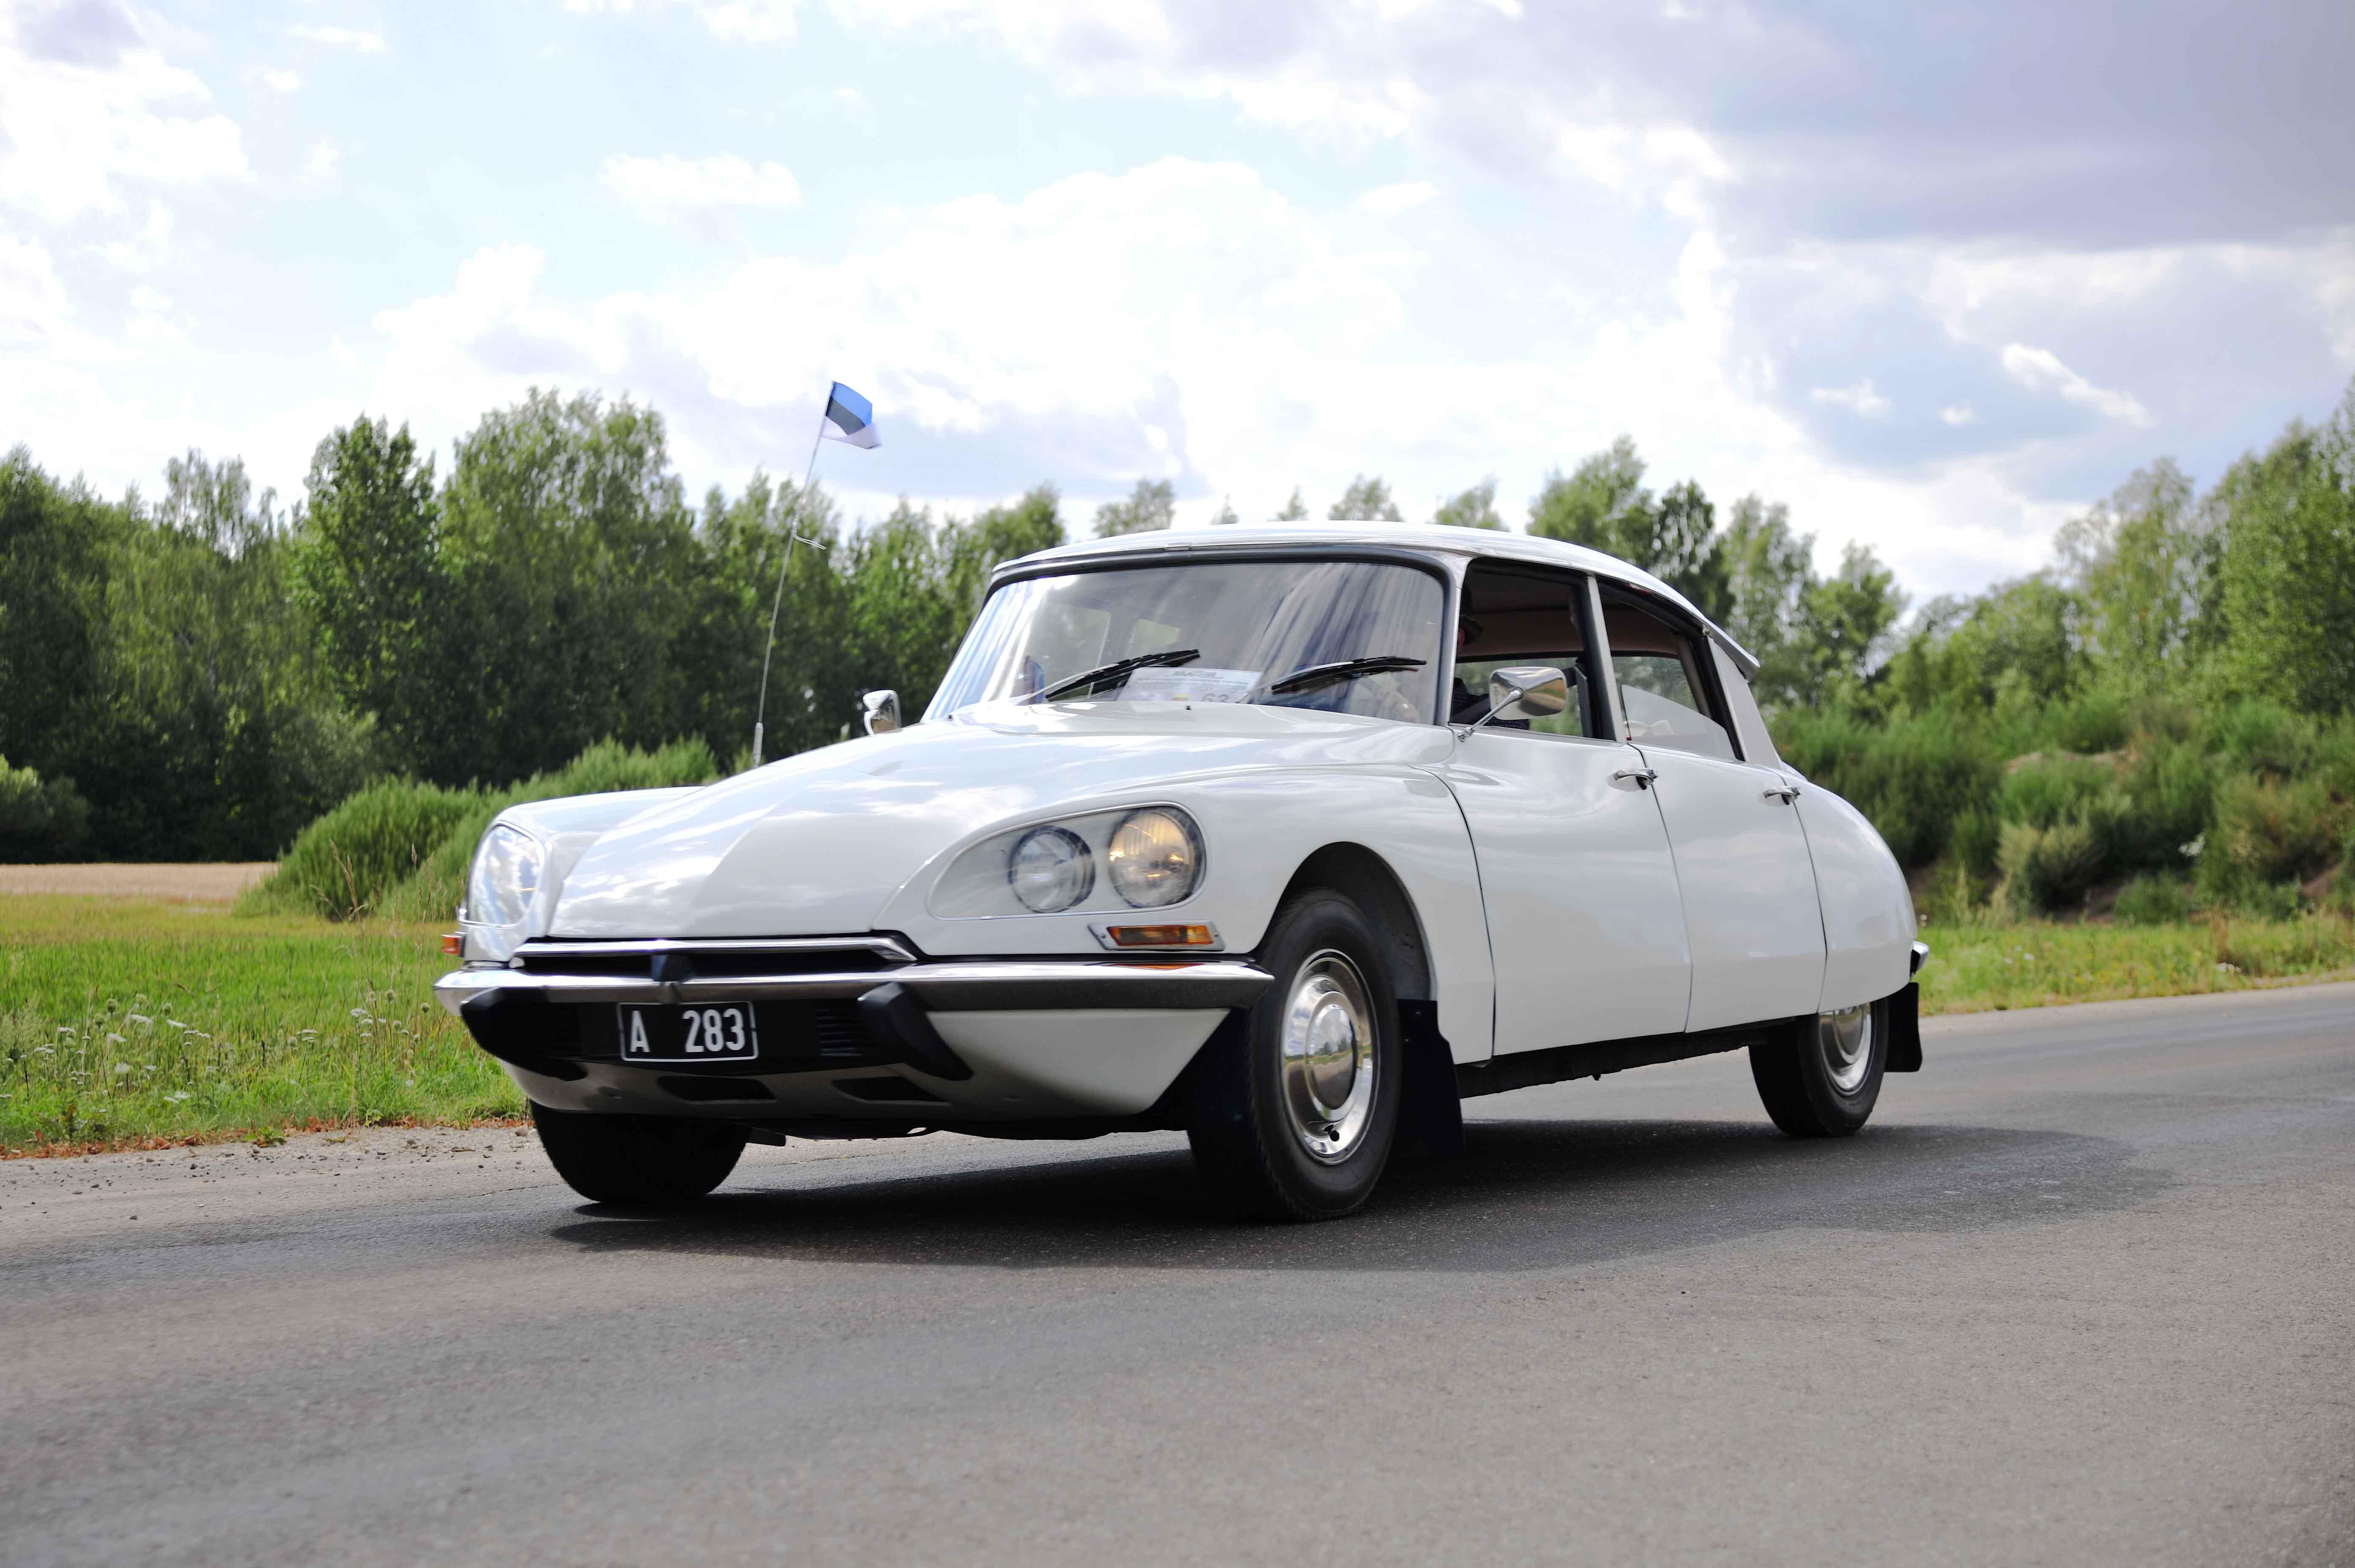 Gražiausias automobilis – Citroen ID 19B Speciale, pag. 1970 m. Savininkas – Toomas Greenbaum (Estija)   I. Daubaraitės nuotr.